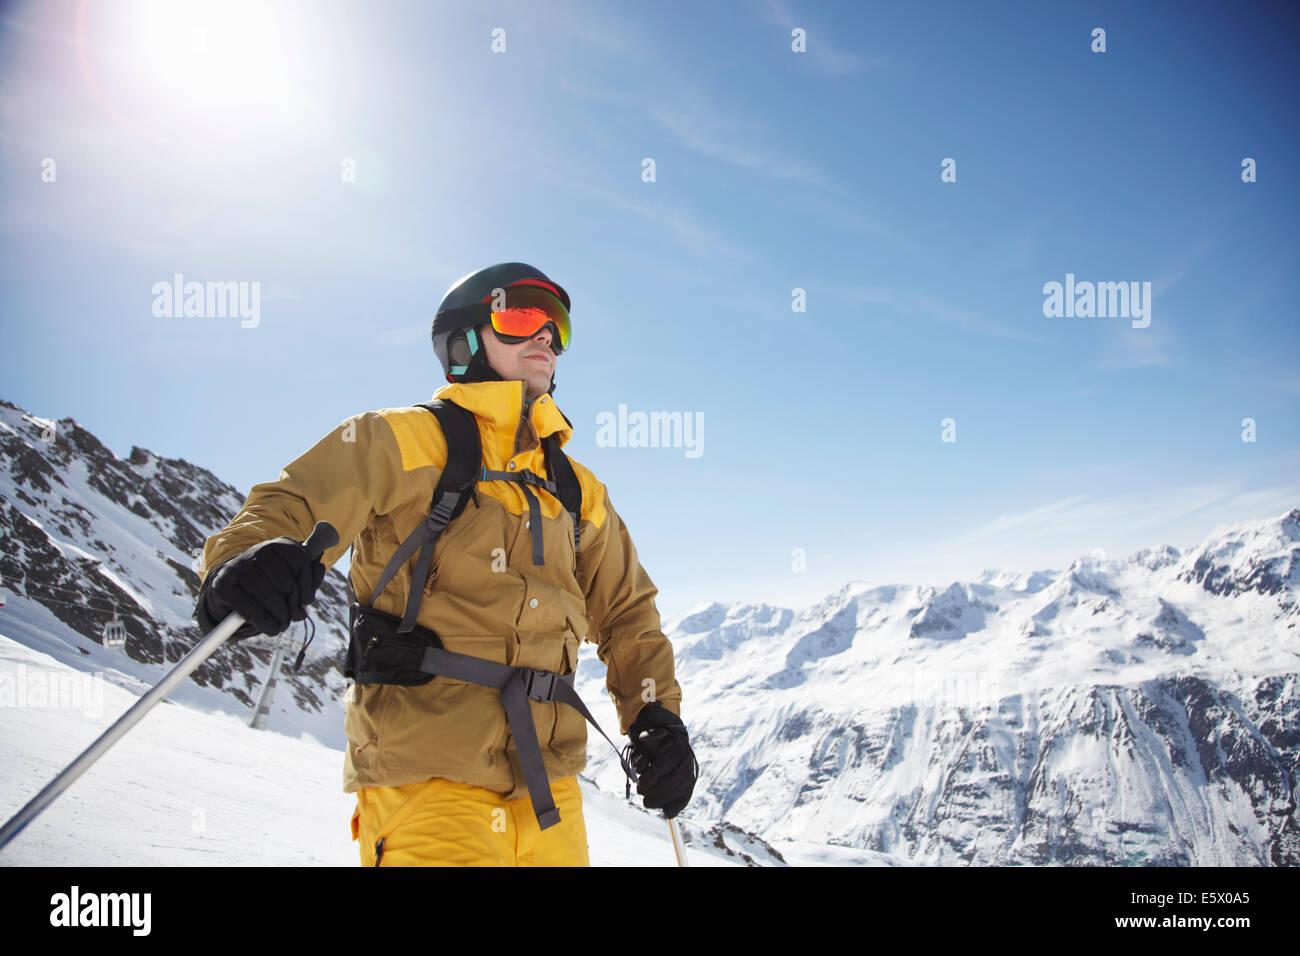 Basso angolo vista di metà maschio adulto sciatore sulla montagna, Austria Foto Stock